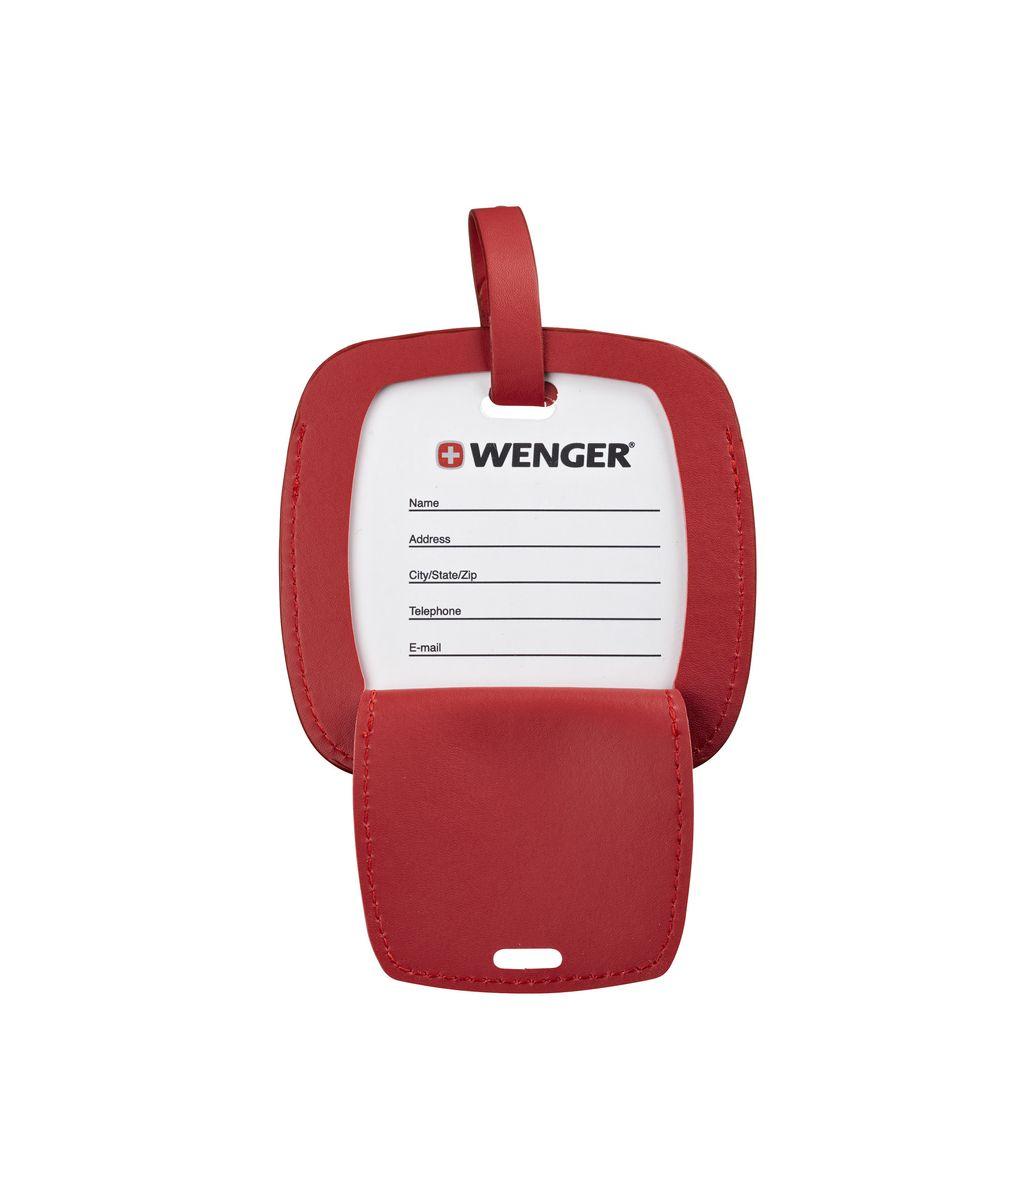 Etiqueta de Identificação para bagagem Jumbo Wenger - Vermelha